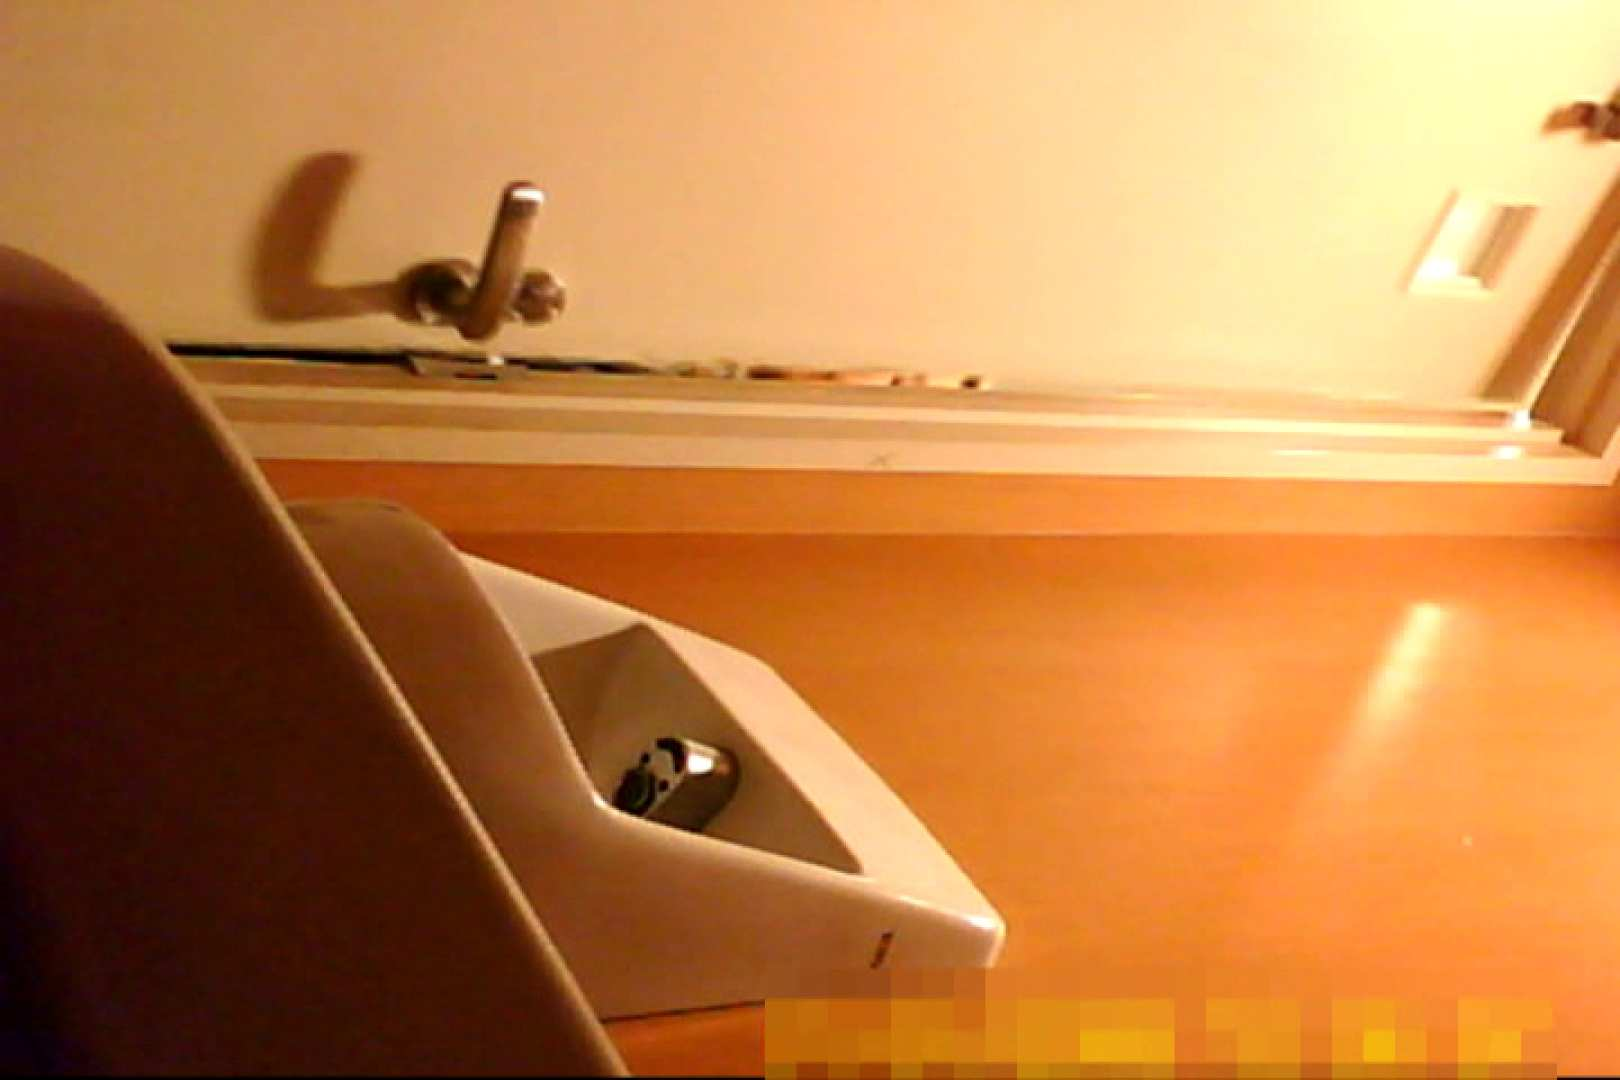 魅惑の化粧室~禁断のプライベート空間~27 丸見えマンコ 隠し撮りオマンコ動画紹介 106PIX 26